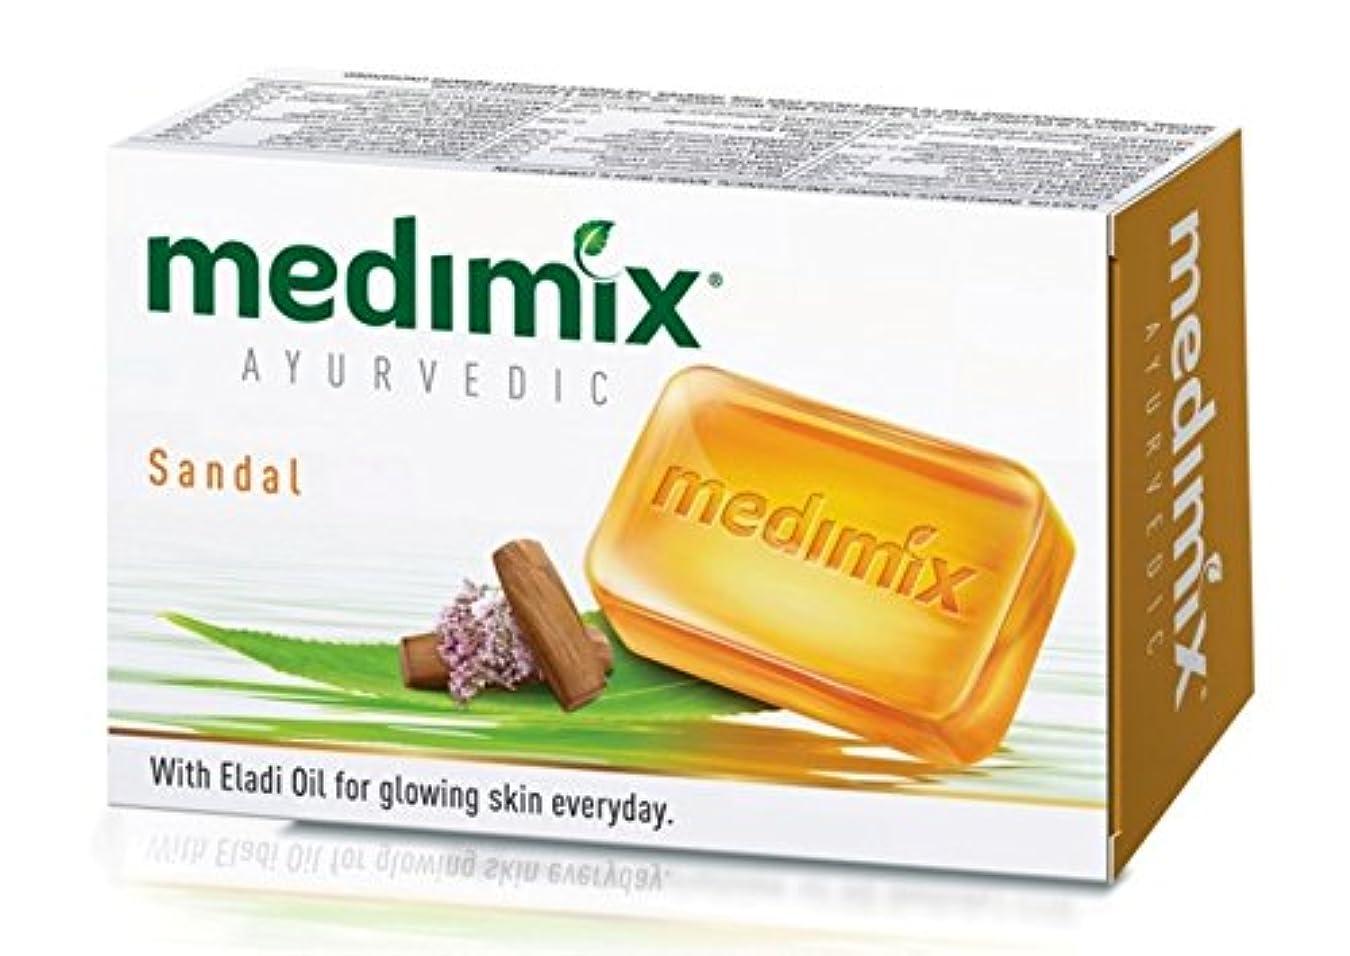 対話魅力的であることへのアピールホイップ【medimix国内正規品】メディミックス Sandal ハーブから作られたオーガニック石鹸